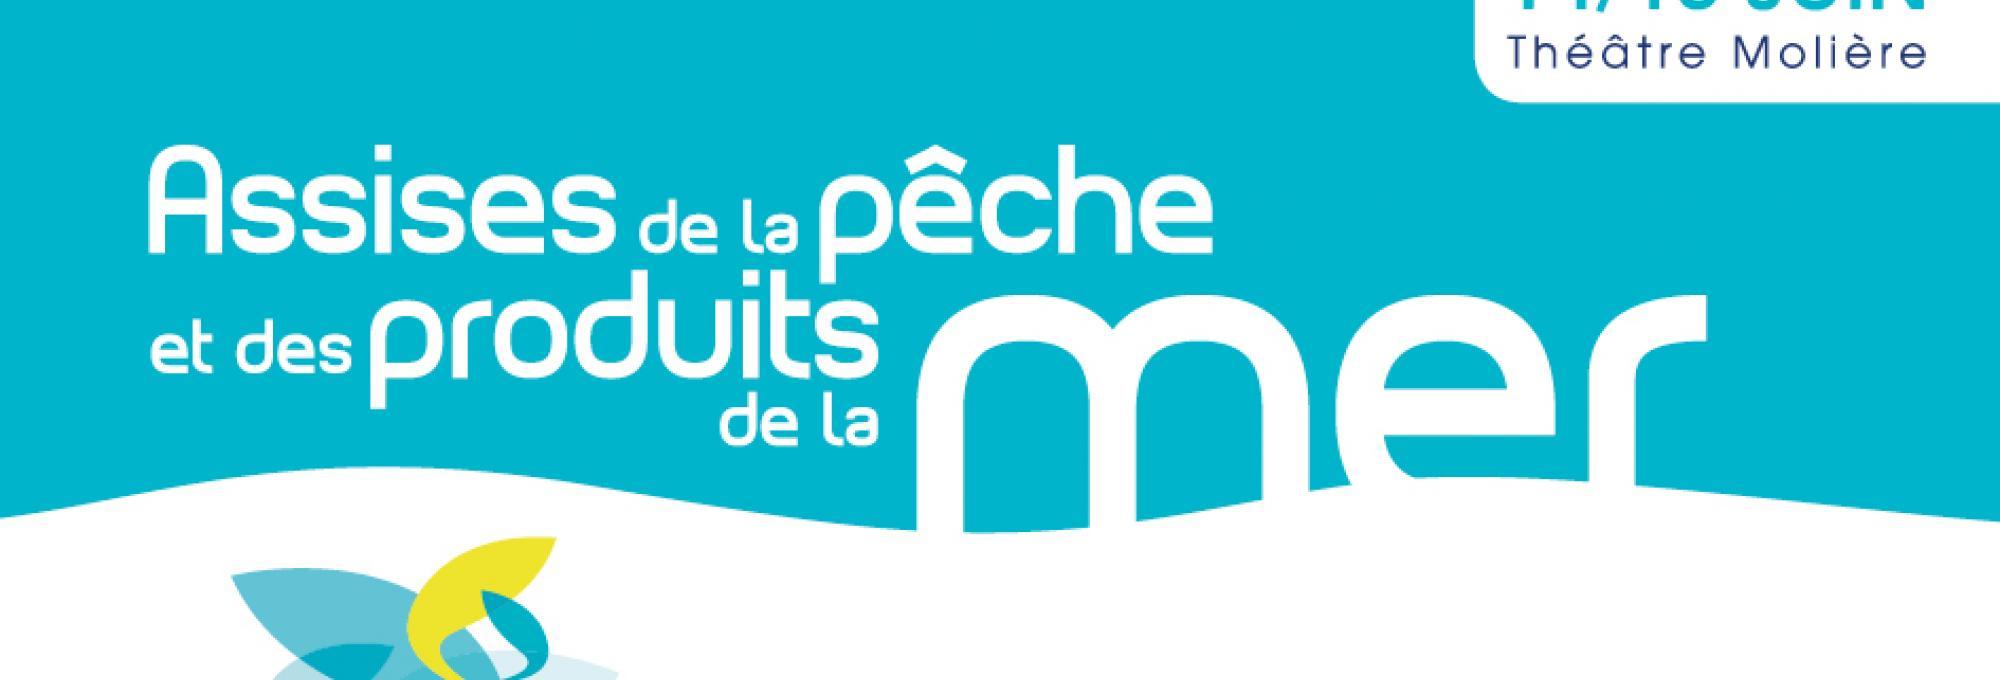 ASSISES DE LA PECHE 2018